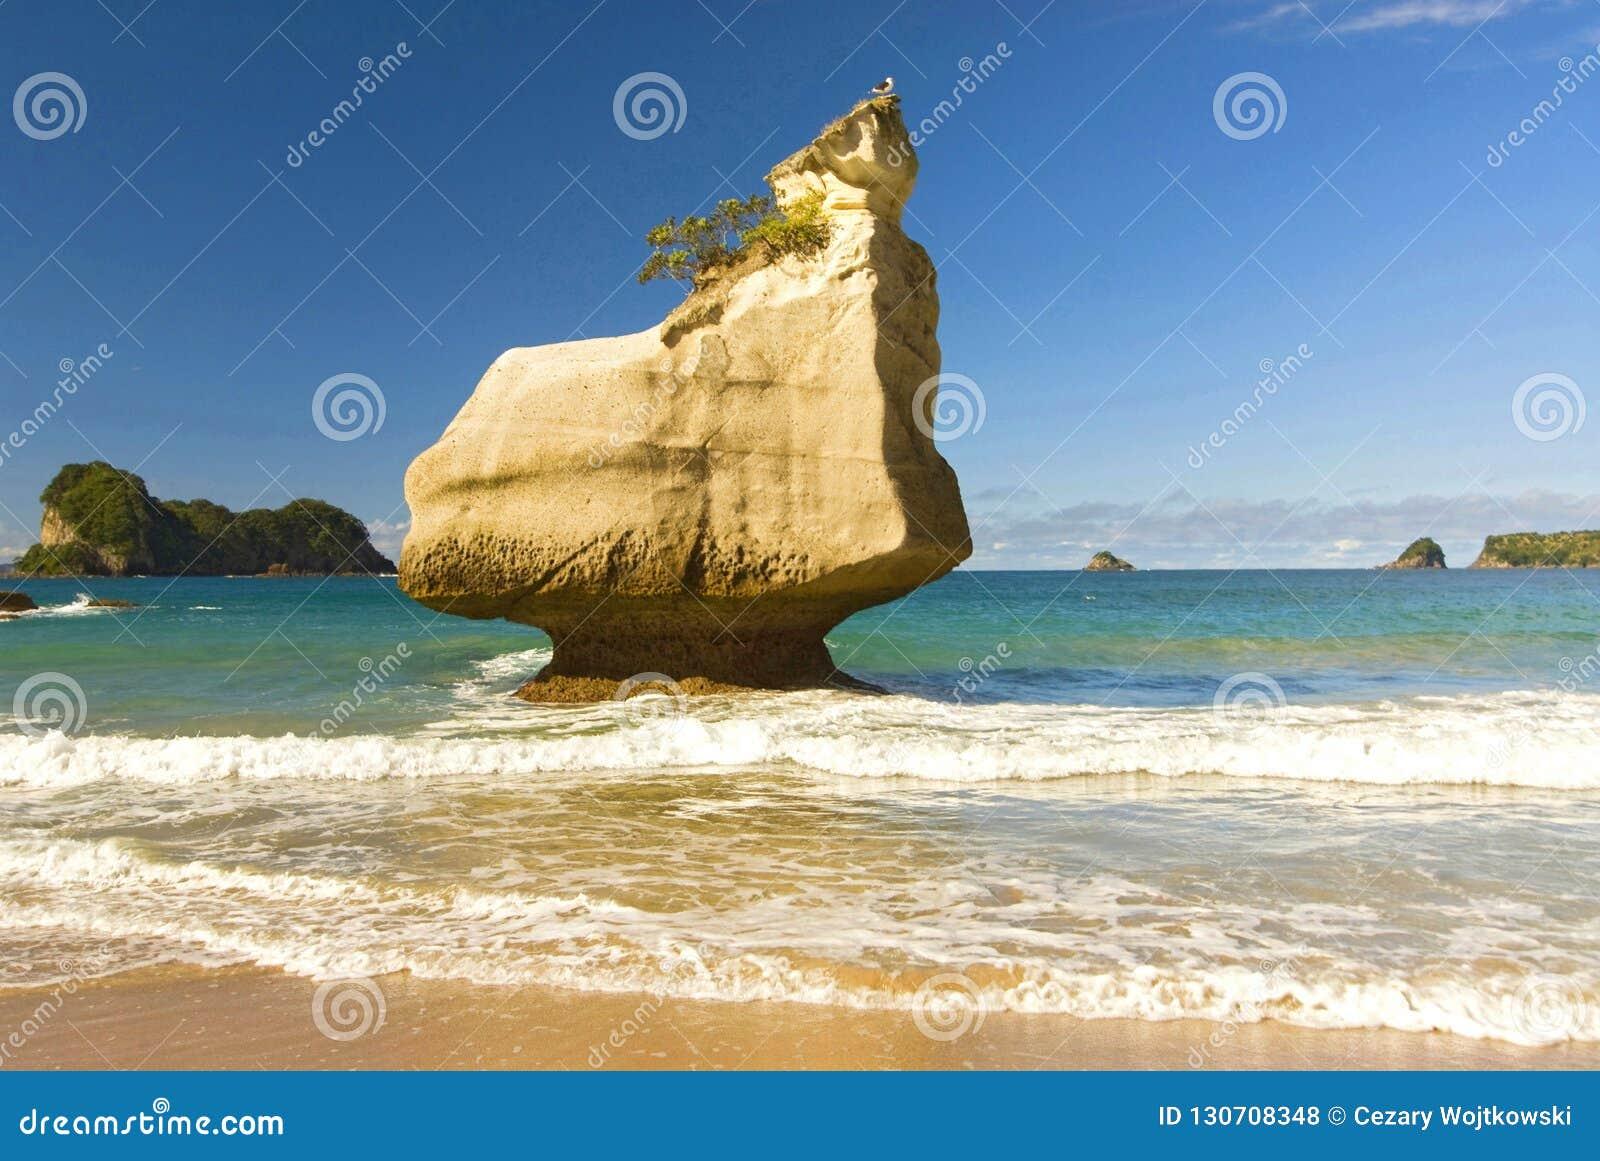 Formations de roche et plage sablonneuse fine à la crique de cathédrale sur la péninsule de Coromandel au Nouvelle-Zélande, île d